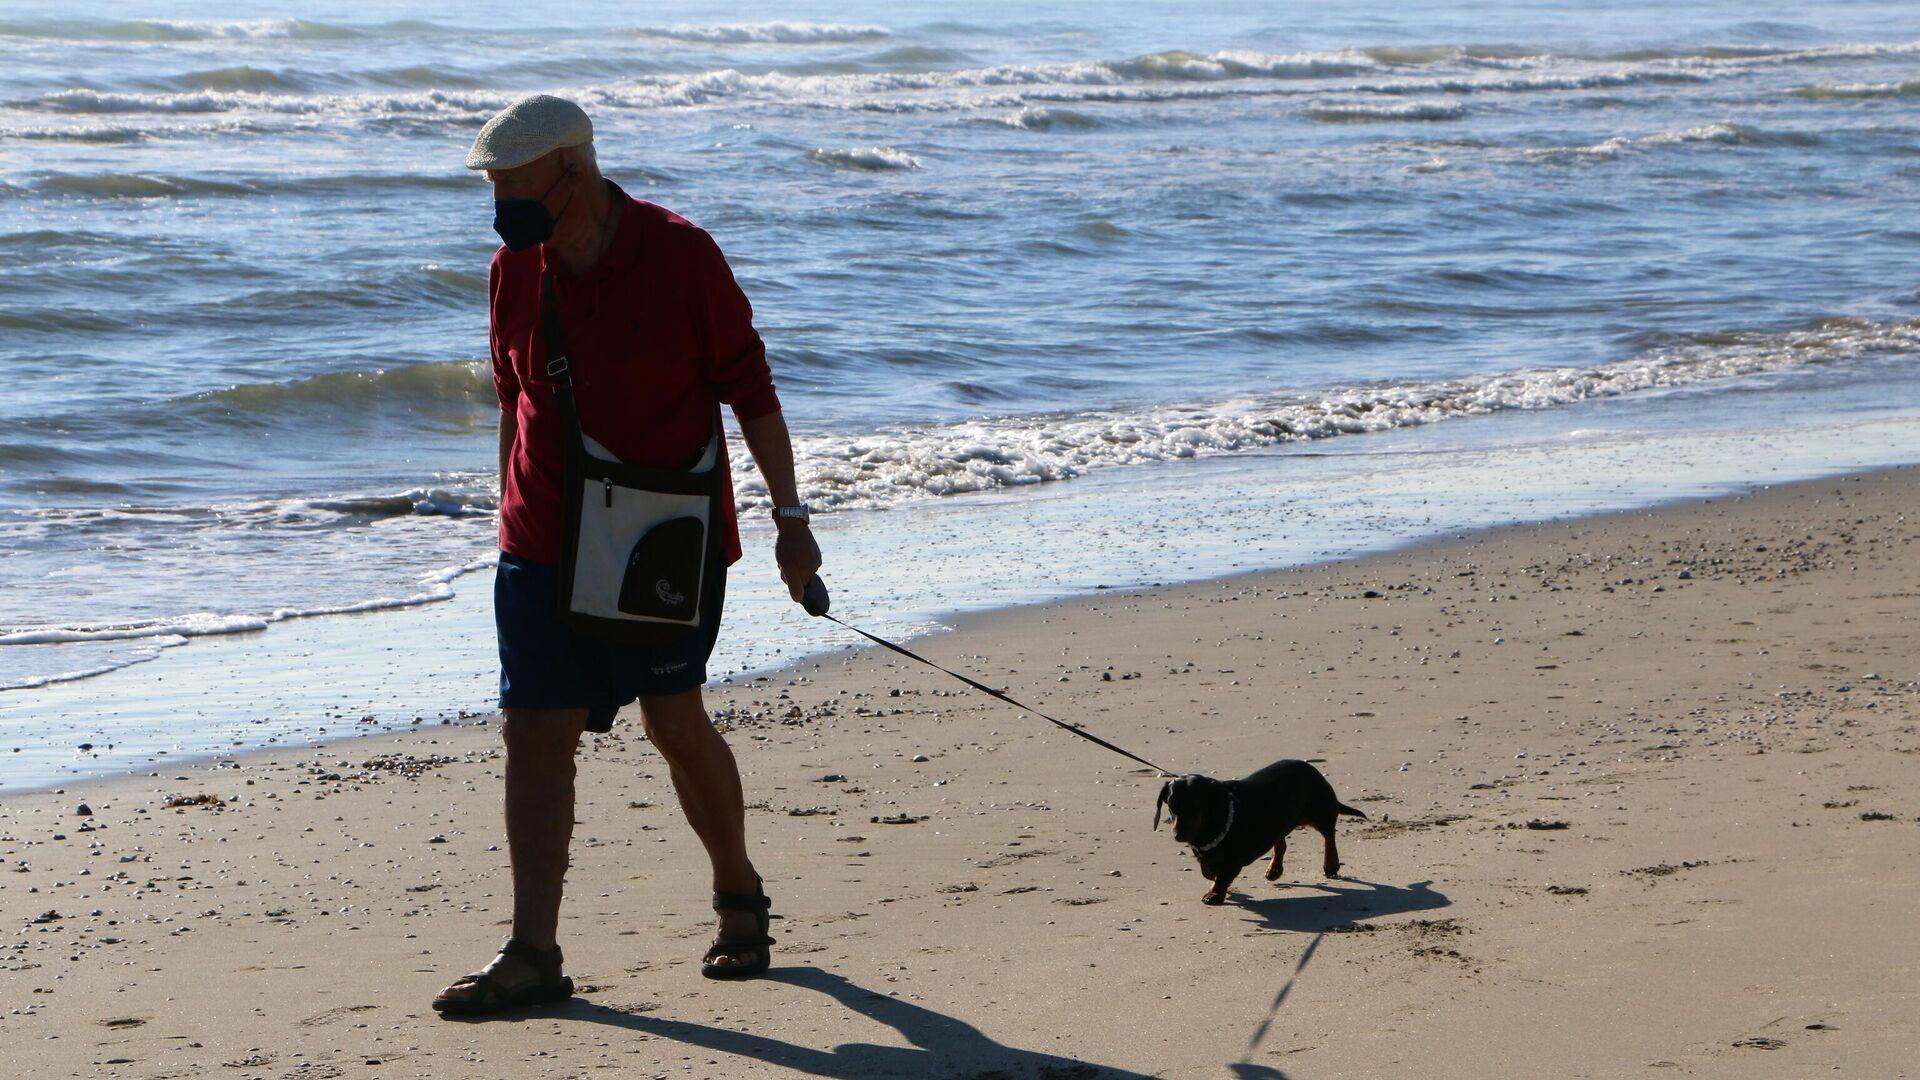 Un uomo con il suo cane passeggia lungo la costa del mare - Sputnik Italia, 1920, 07.06.2021